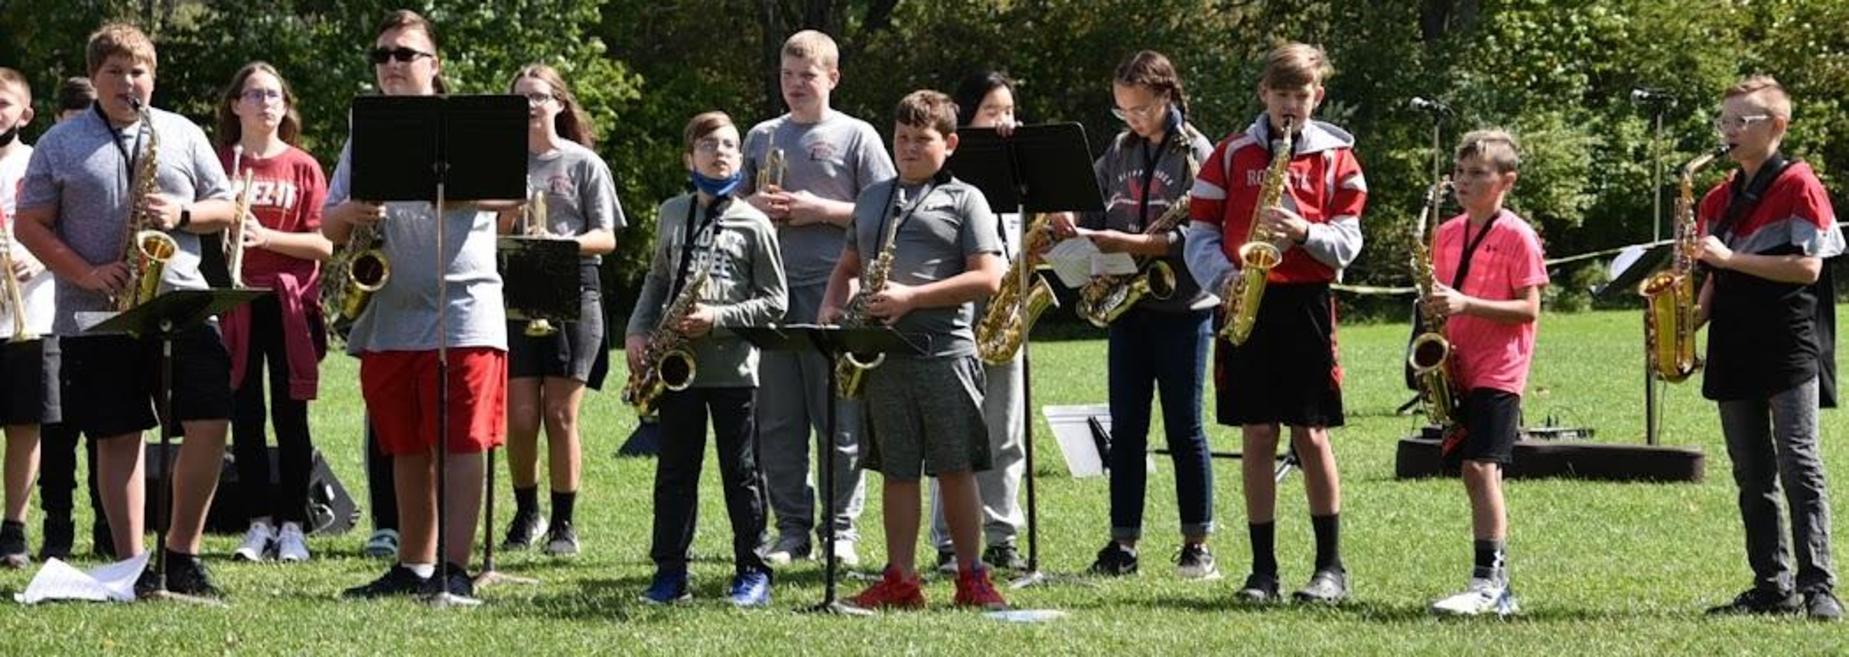 Band at Pep Rally